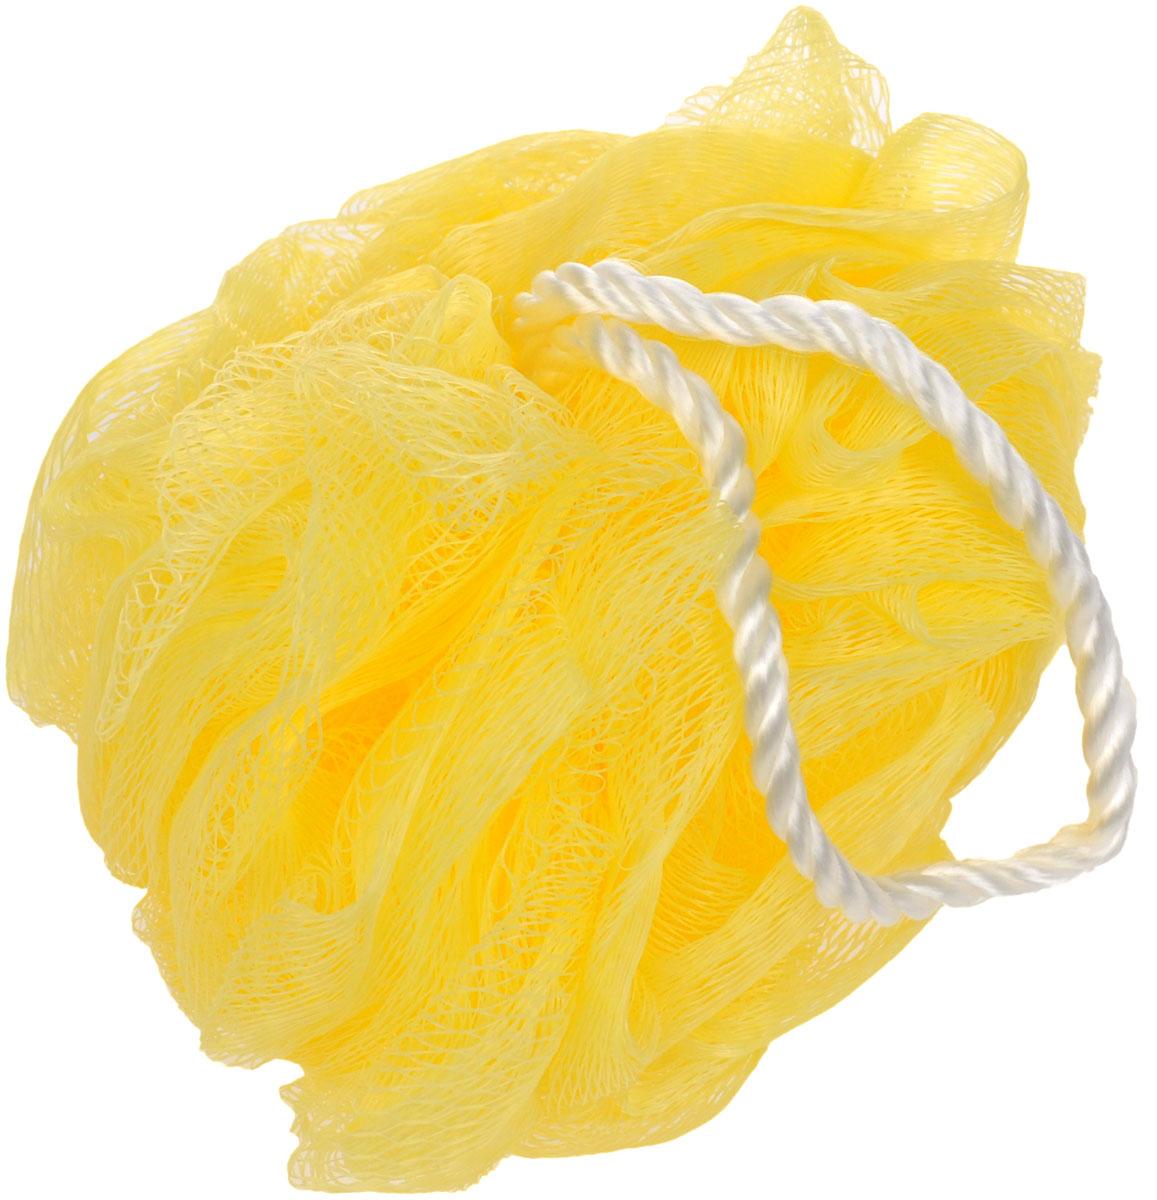 Мочалка Eva Бантик, диаметр 11 см, цвет: желтыйМС45_желтыйМочалка Eva Бантик, выполненная из нейлона, предназначена для мягкого очищения кожи. Она станет незаменимым аксессуаром ванной комнаты. Мочалка отлично пенится, обладает легким массажным воздействием, идеально подходит для нежной и чувствительной кожи. На мочалке имеется удобная петля для подвешивания. Диаметр: 11 см.